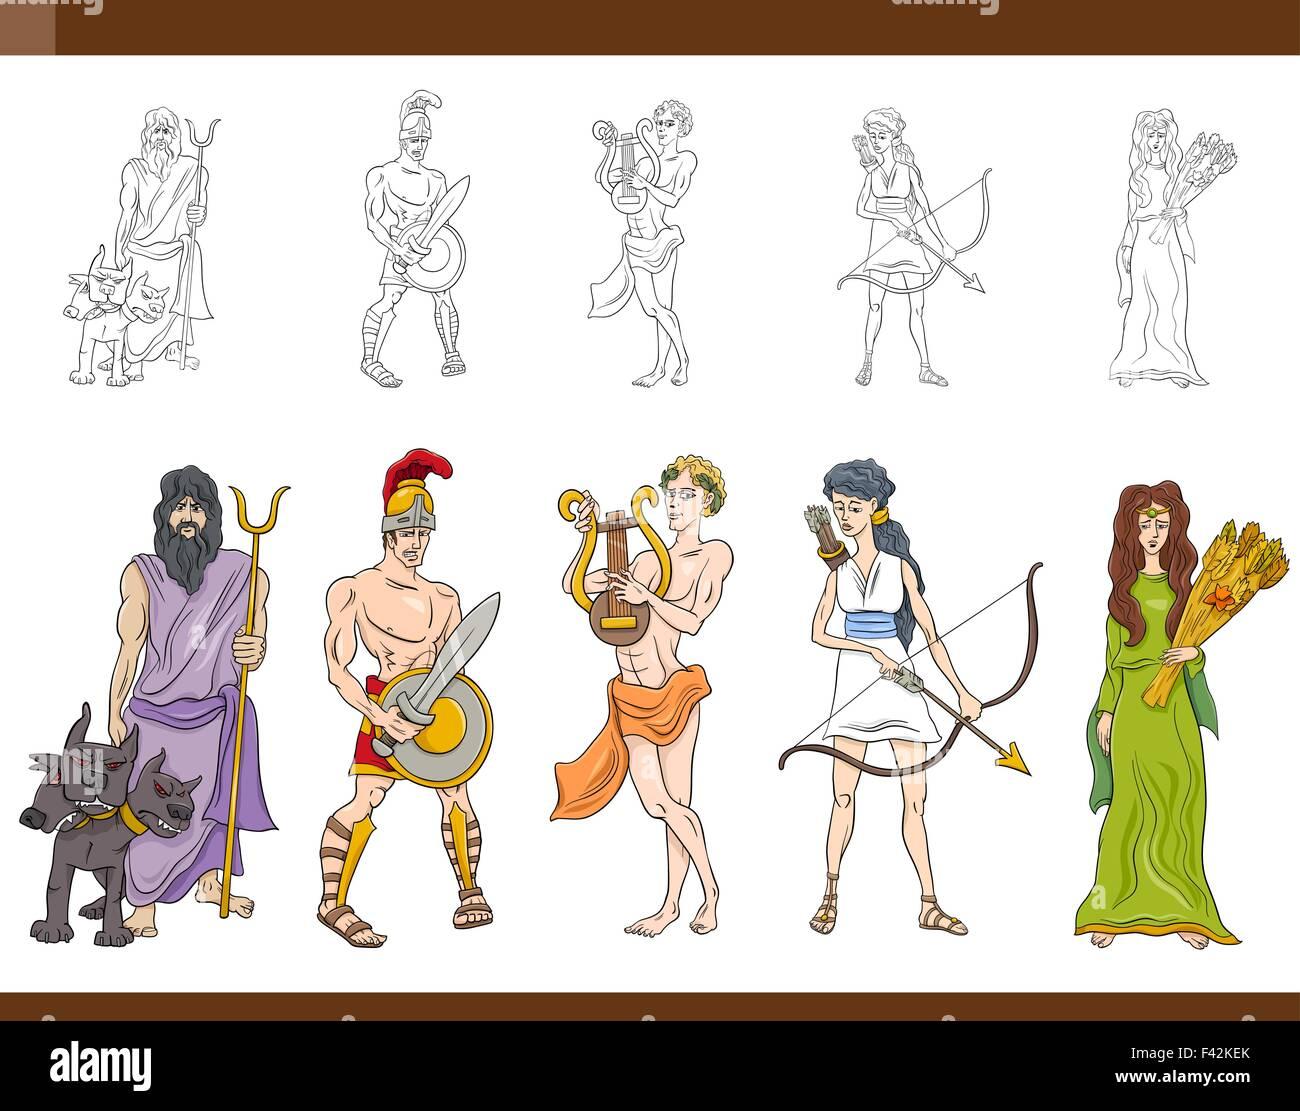 Cartoon Illustration Of Mythological Greek Gods And